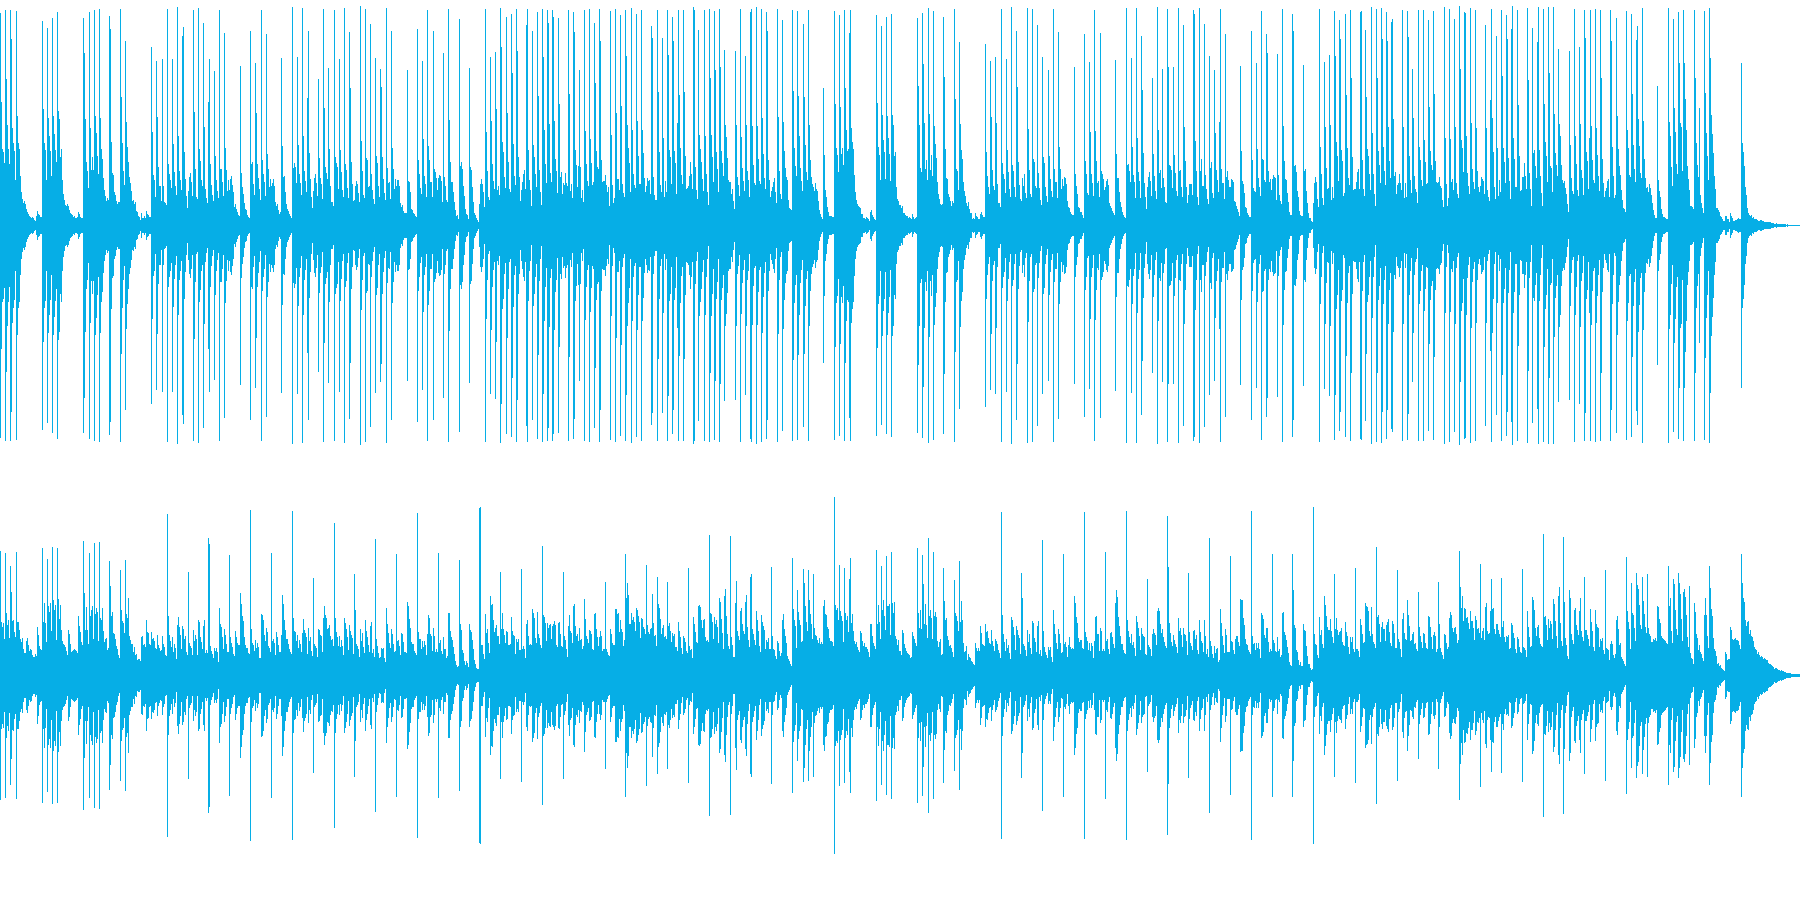 可愛らしいクッキングの時間の音楽です。の再生済みの波形